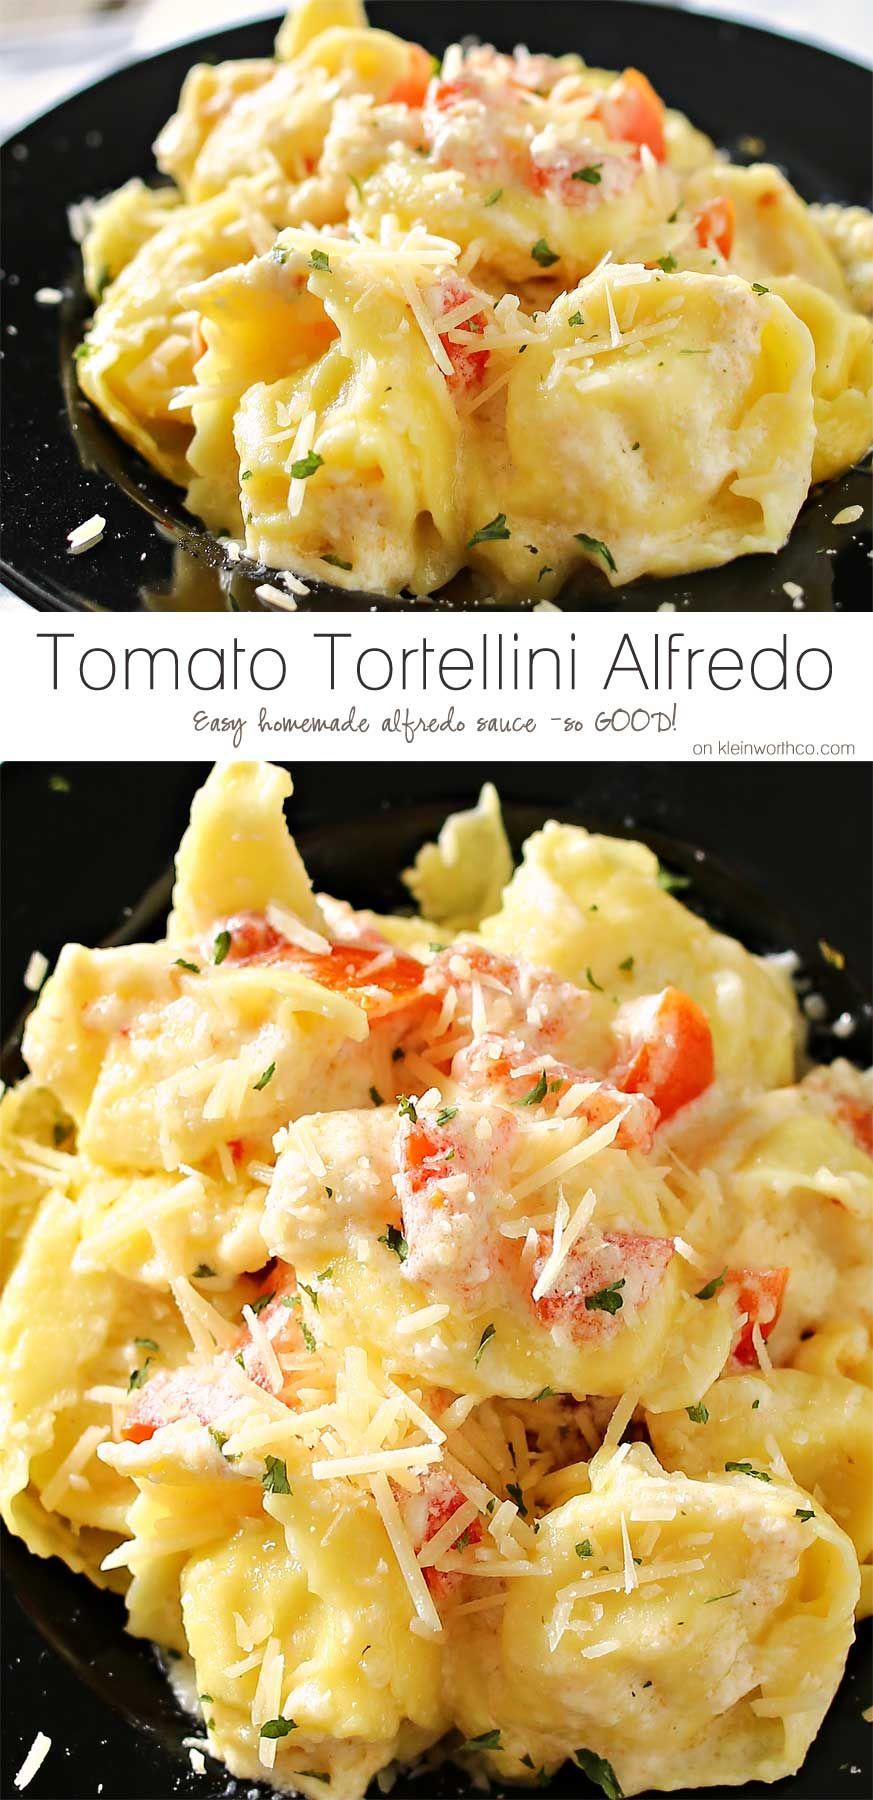 Köz Patlıcanlı Ev Yapımı Tortellini